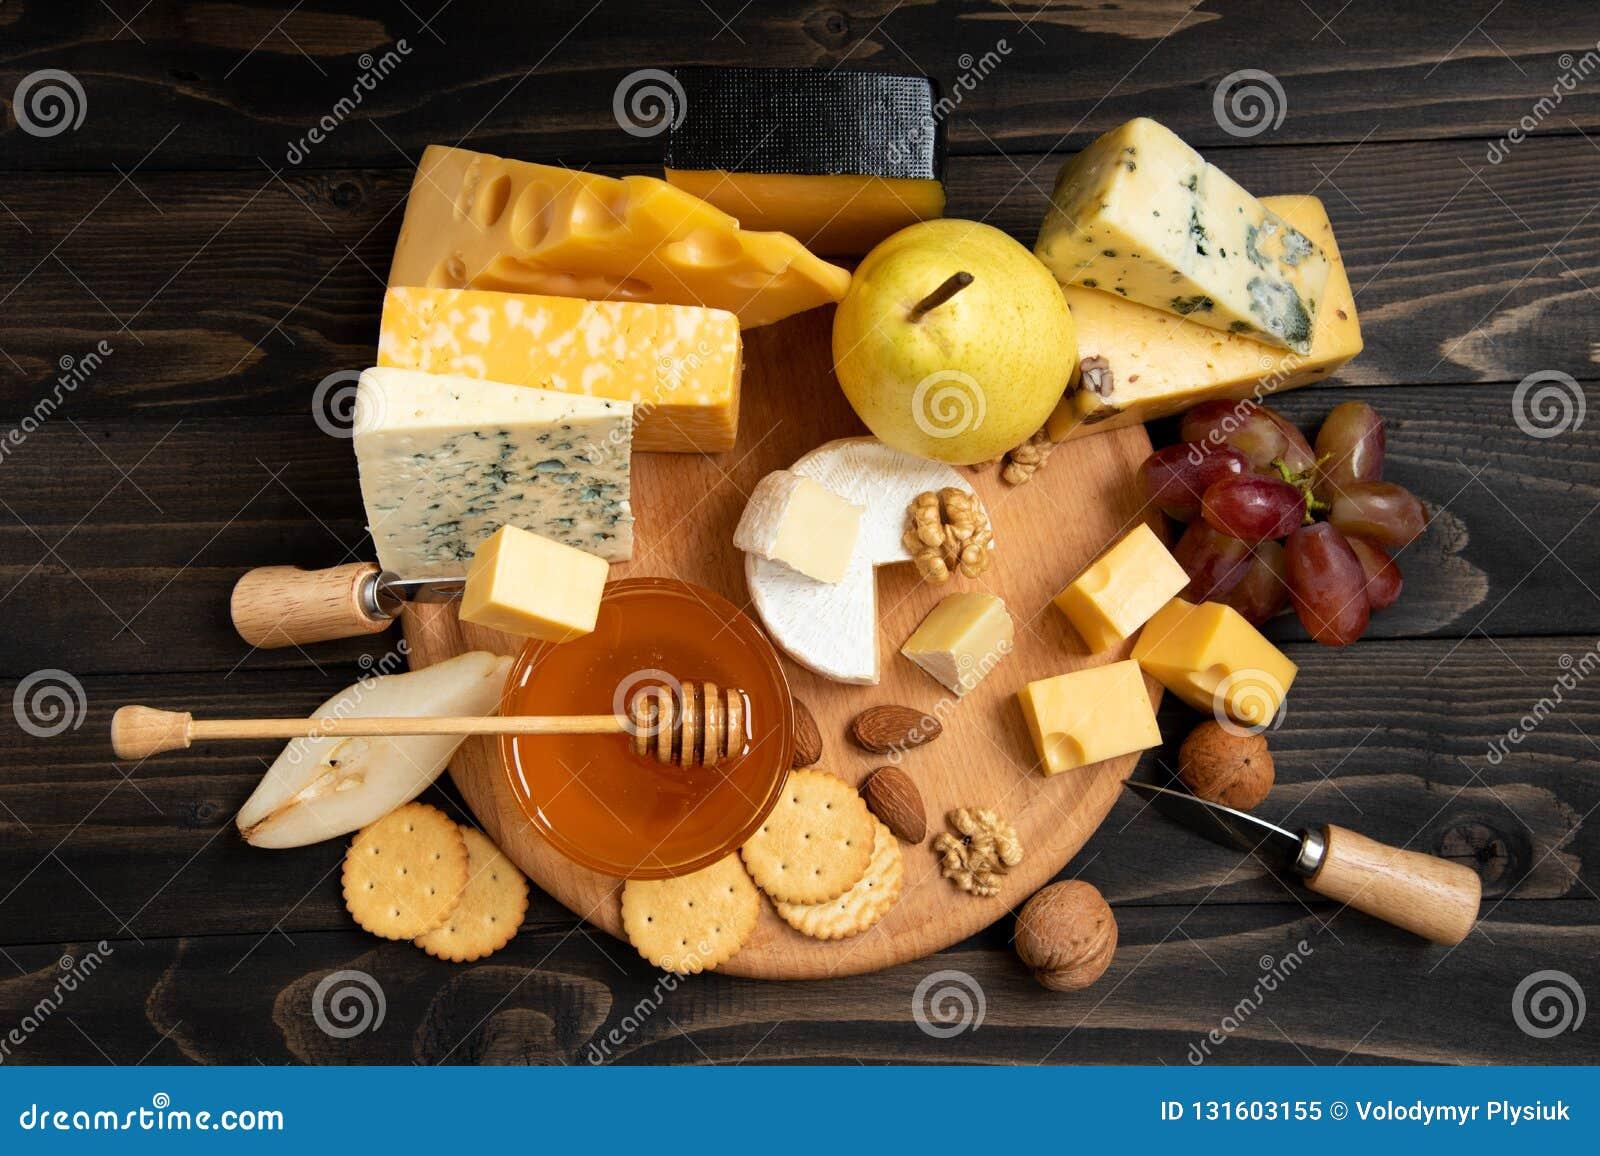 Vari tipi di formaggi su una tavola di legno rustica